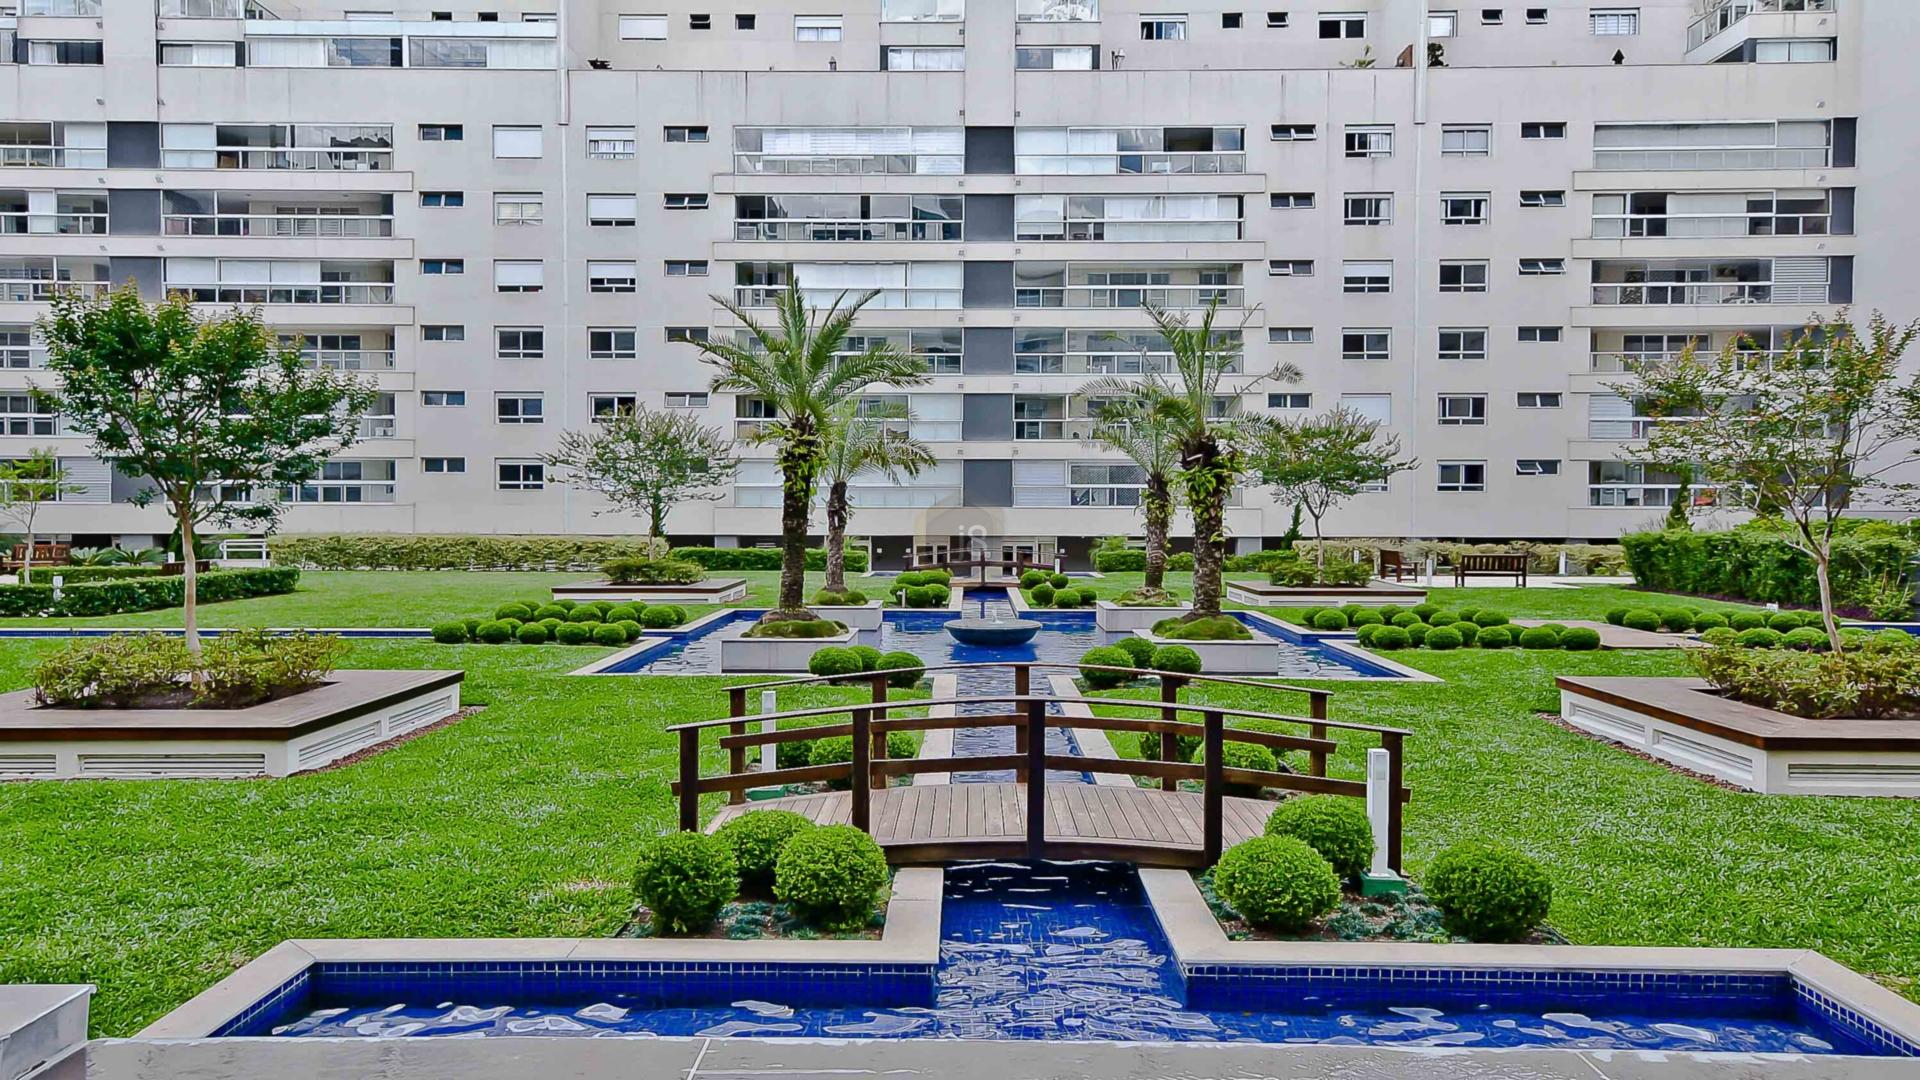 Foto de destaque Apartamento 4 dormitórios - quartier - 158m²